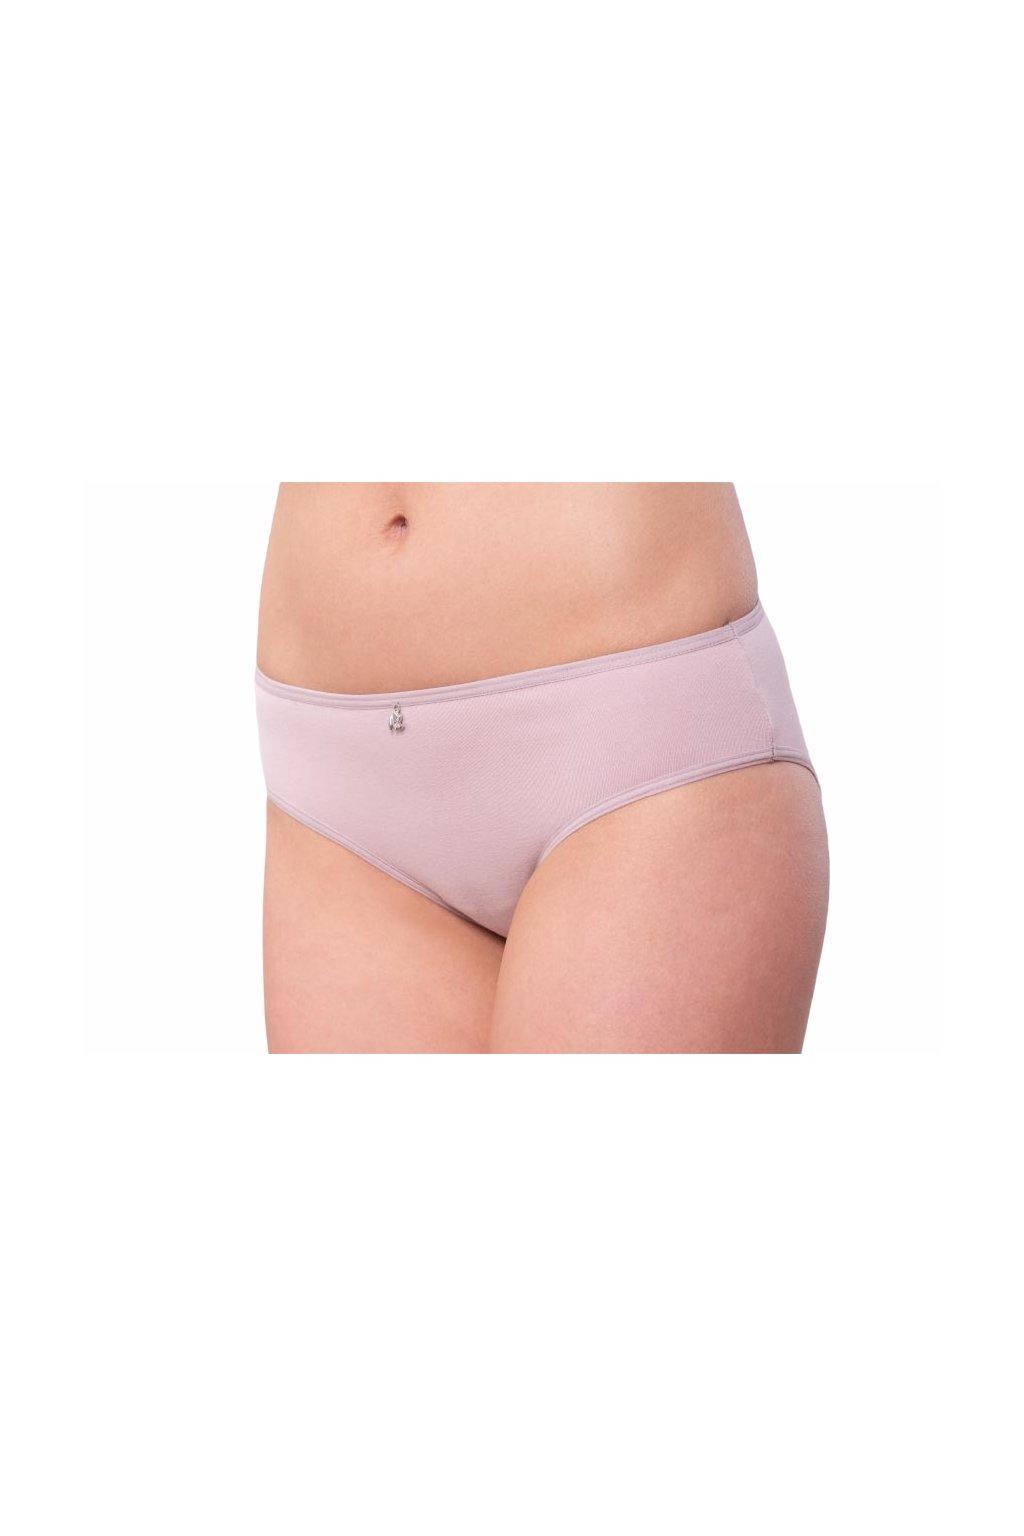 Dámské kalhotky, 100216 446, fialová